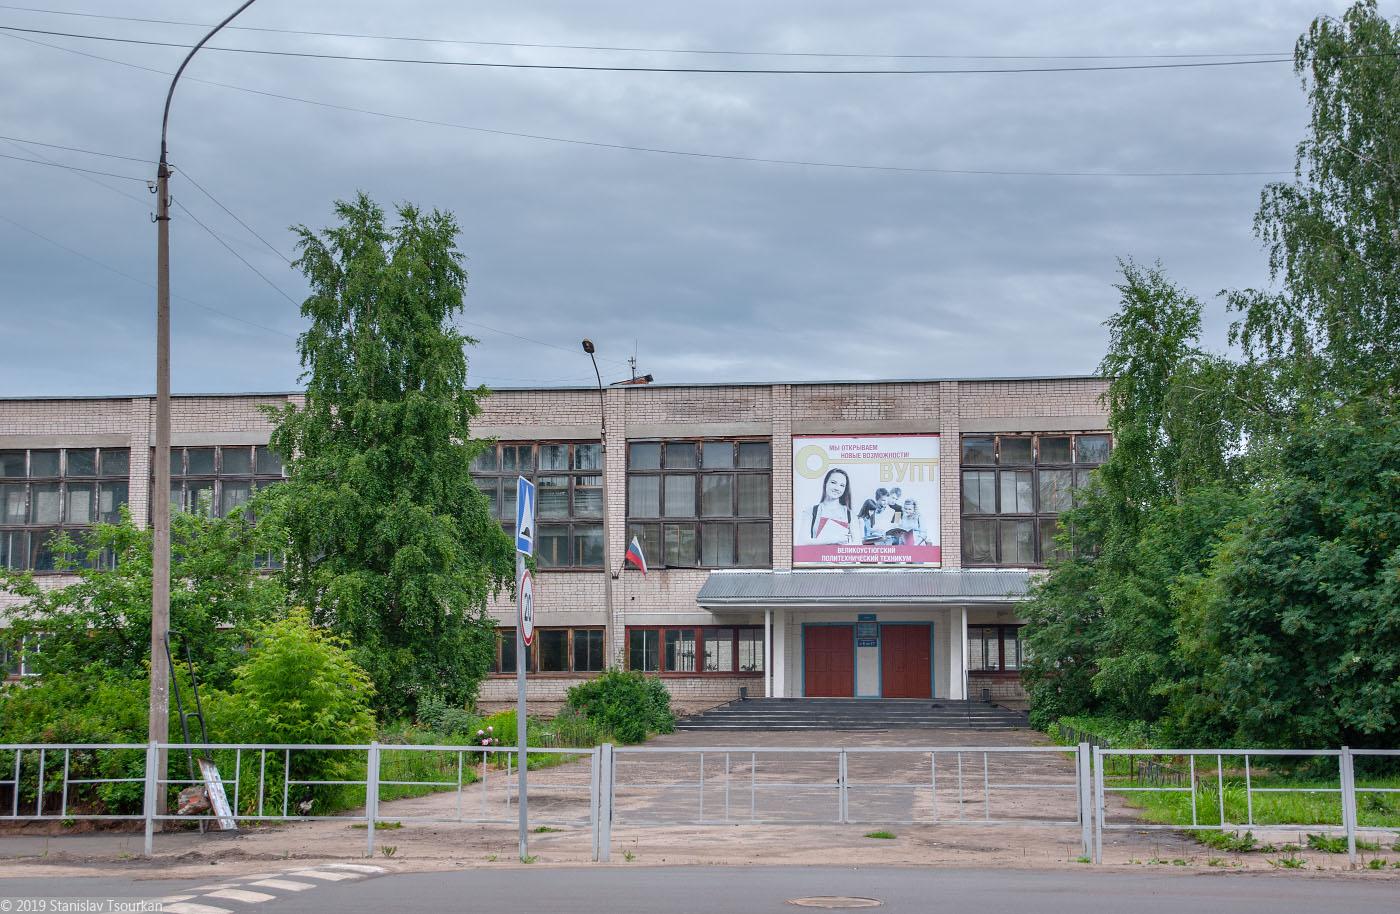 Вологодская область, Вологодчина, Великий устюг, Русский север, шарага, ВУПТ, техникум